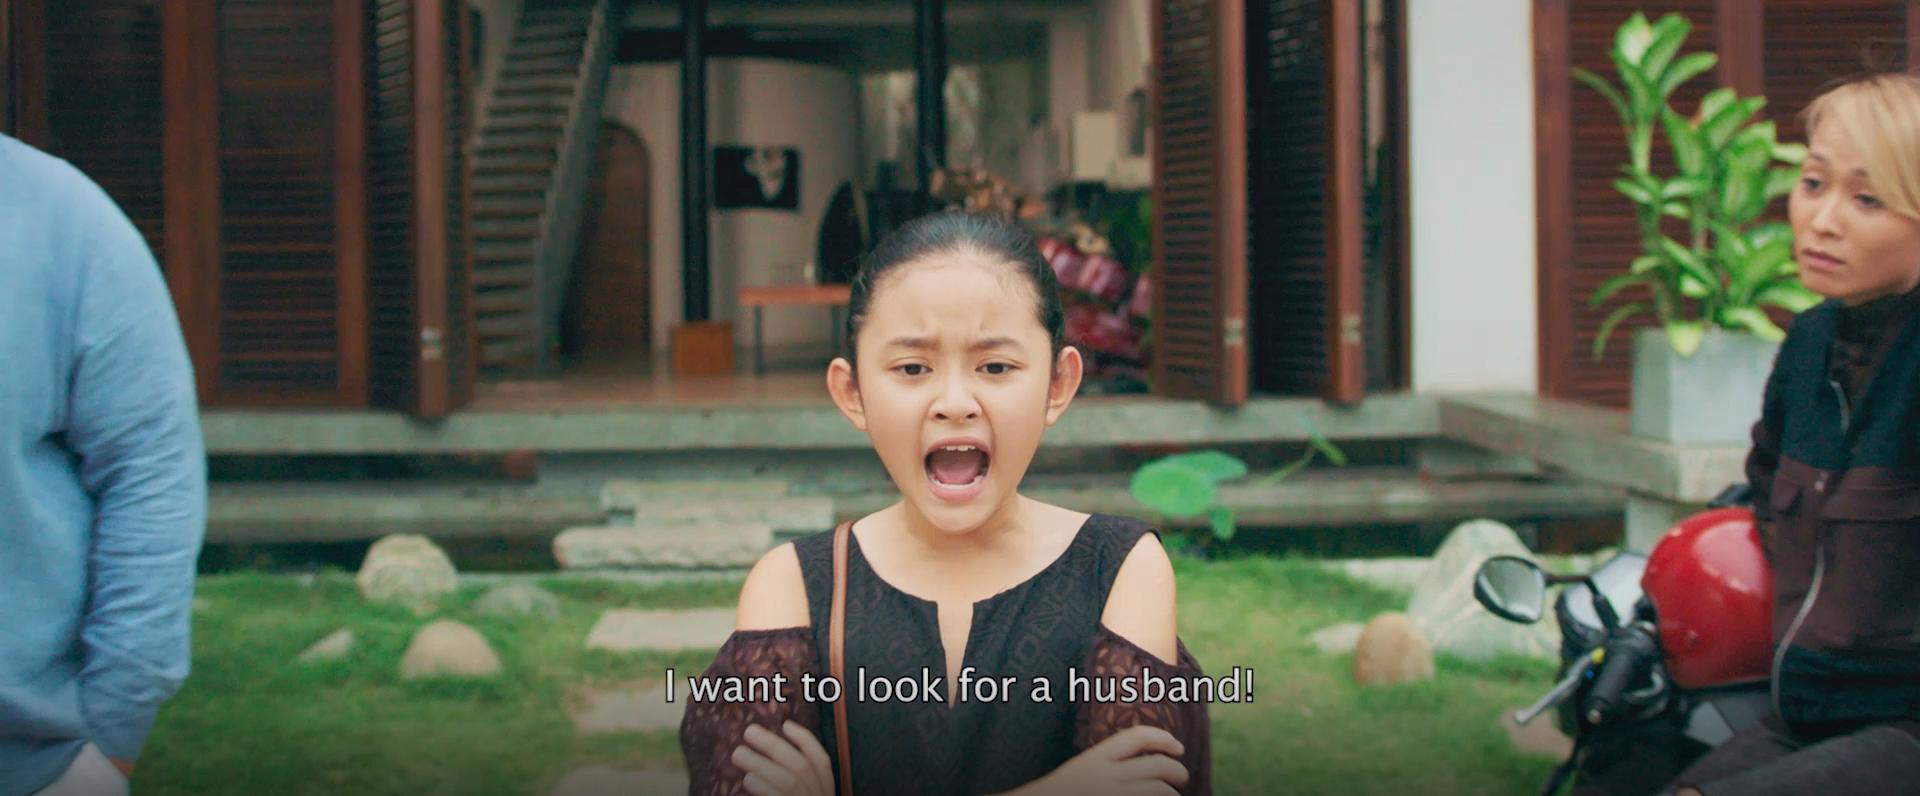 Mạnh mồm tán tỉnh sửu nhi Vân Trang, Hà Việt Dũng ăn ngay cái tát điếng người trong Tìm Chồng Cho Mẹ - Ảnh 2.